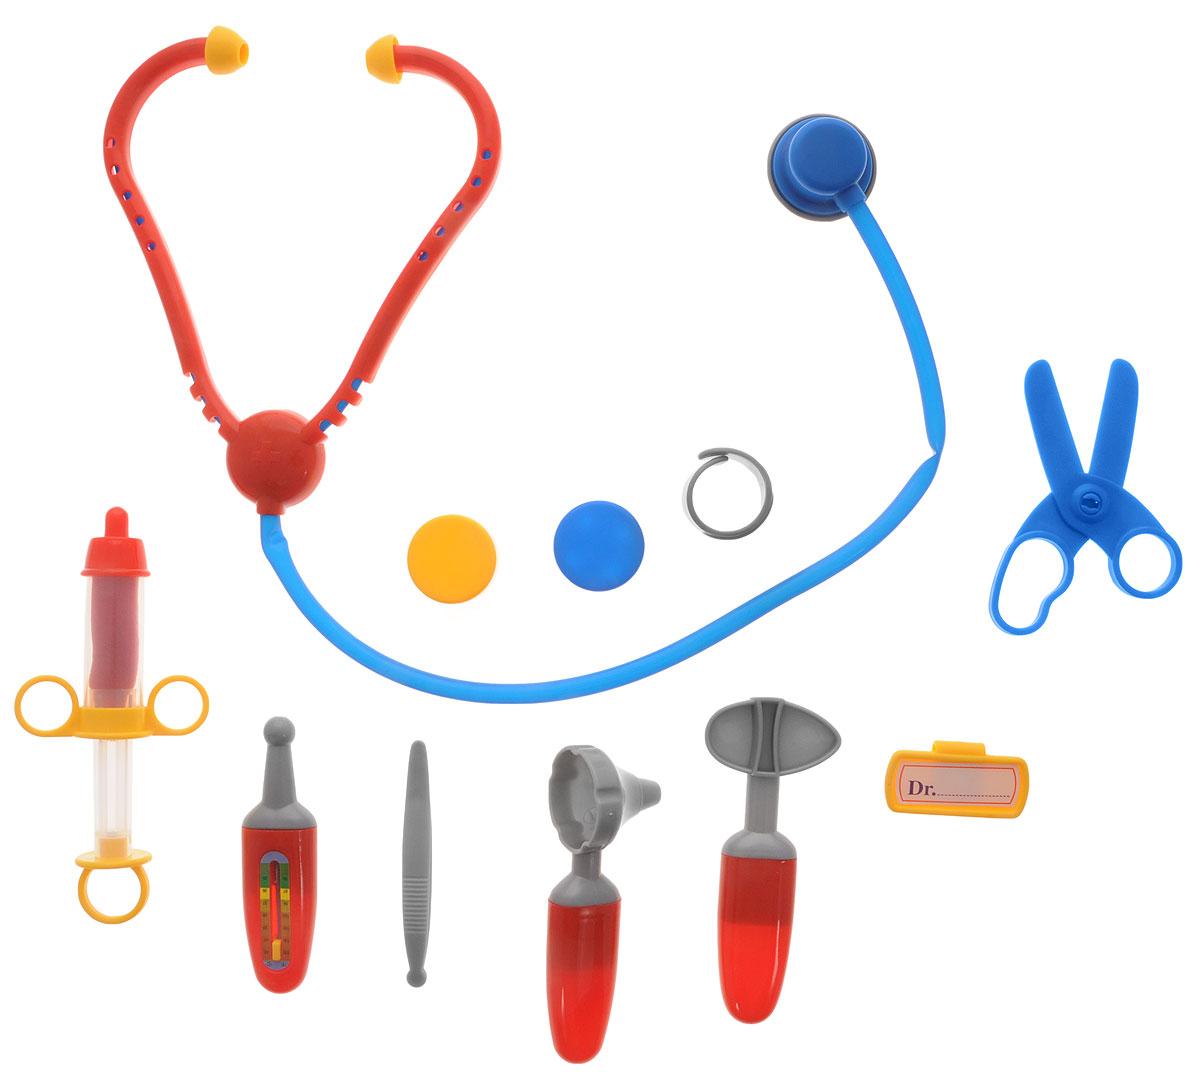 Klein Игрушечный набор доктора - Сюжетно-ролевые игрушки